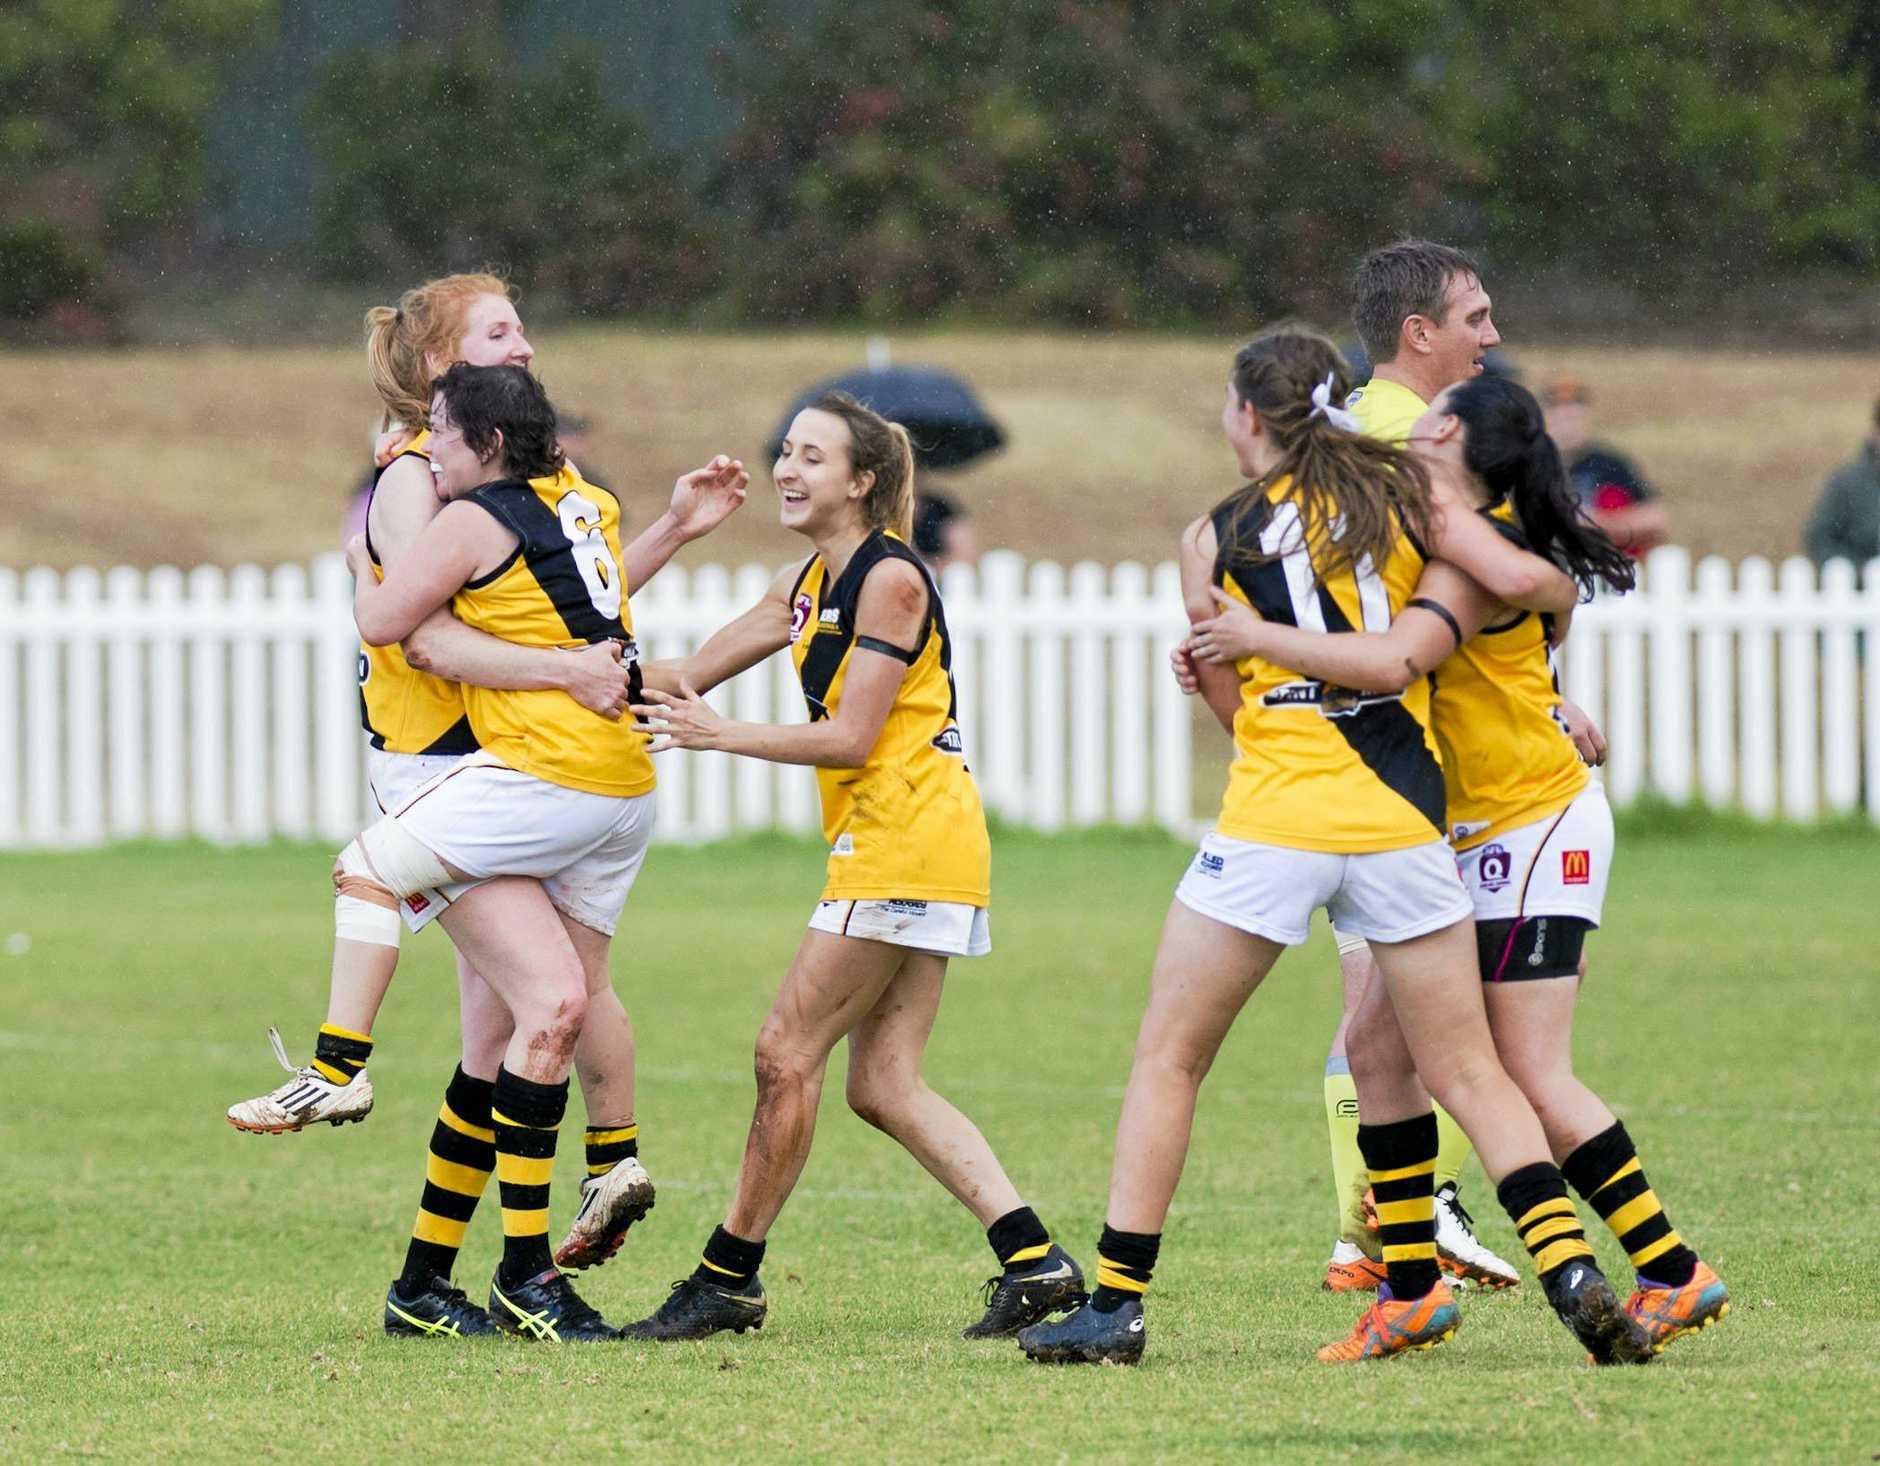 Tigers celebrate their win. AFL Darling Downs, womens grand final Toowoomba vs USQ. Saturday, 8th Sep, 2018.